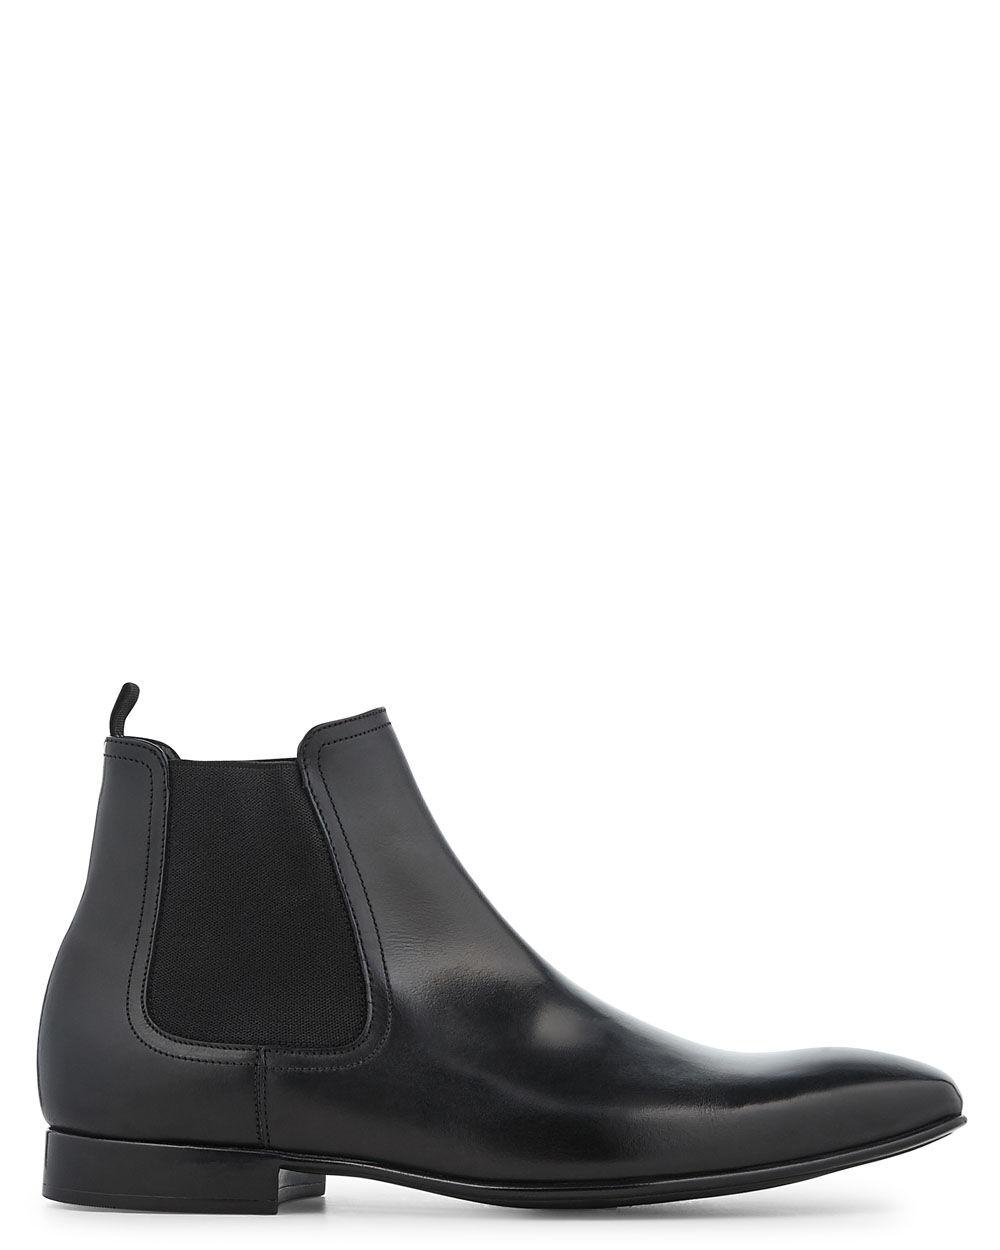 Chaussures Homme Destockage Pour Minelli Outlet H0f6qZgn